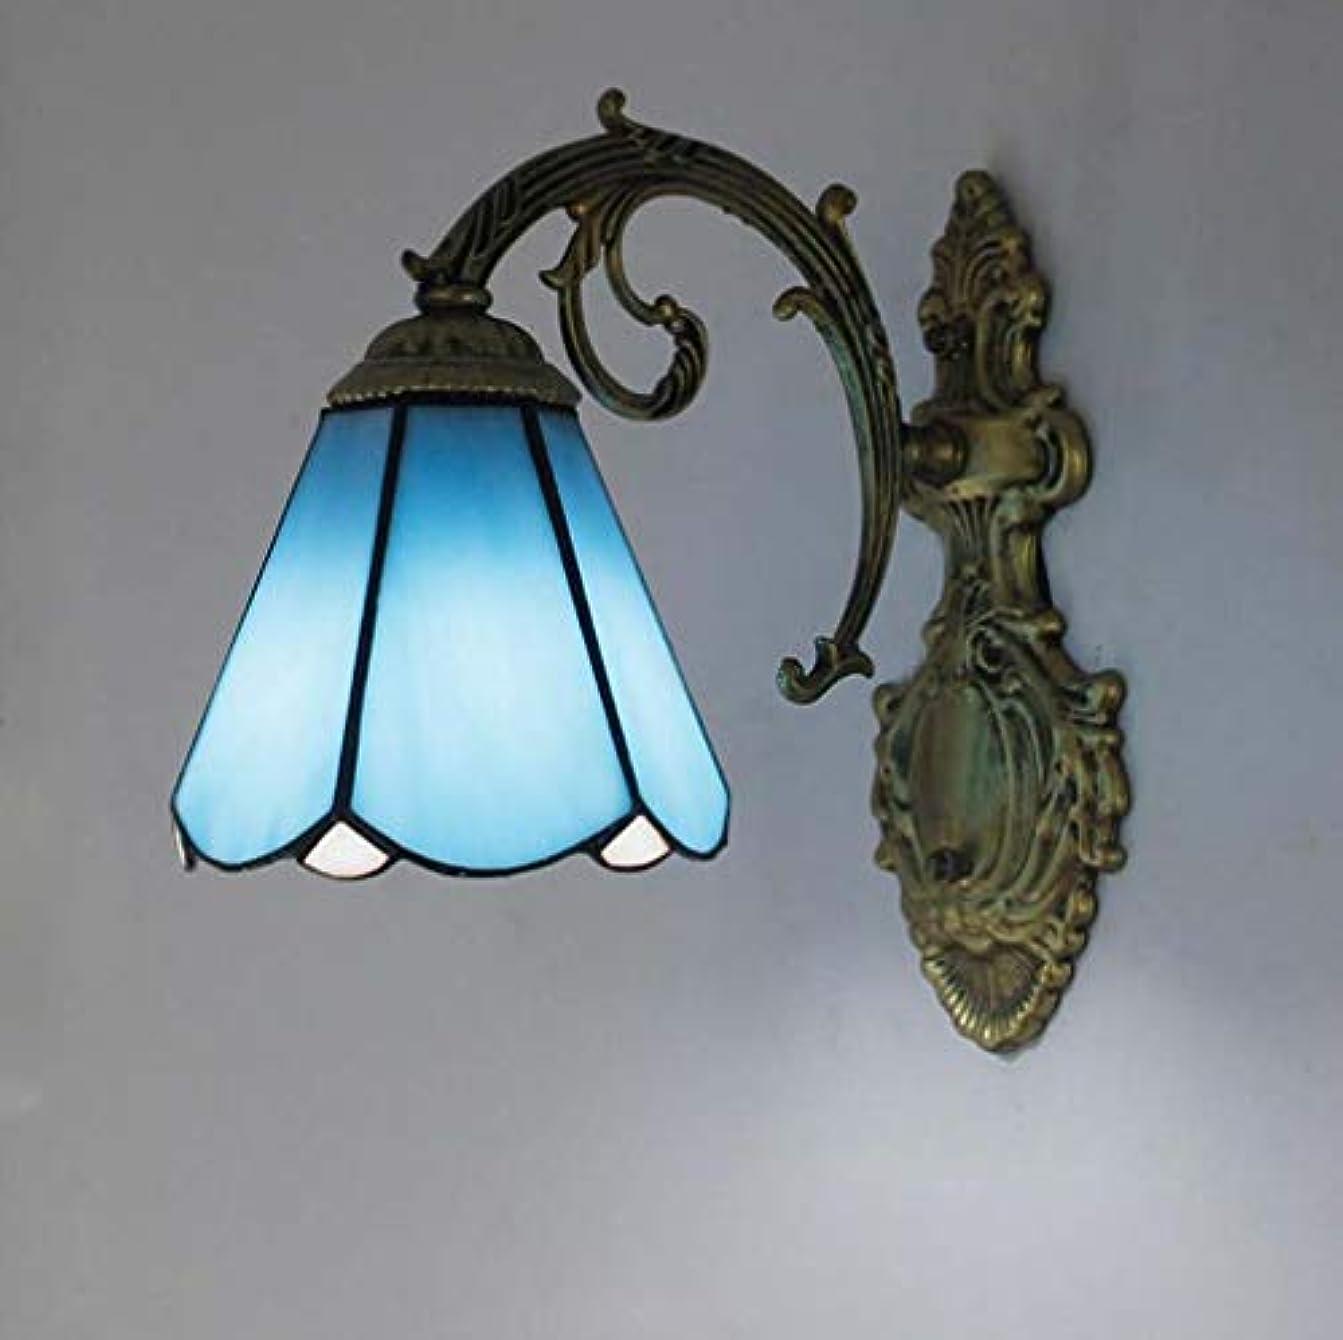 醜い脇にグレードウォールランプアンティークティファニースタイル1ライト壁取り付け用燭台ステンドグラスシェード、ヴィンテージブロンズ錬鉄製の壁の寝室のリビングルームの照明,G